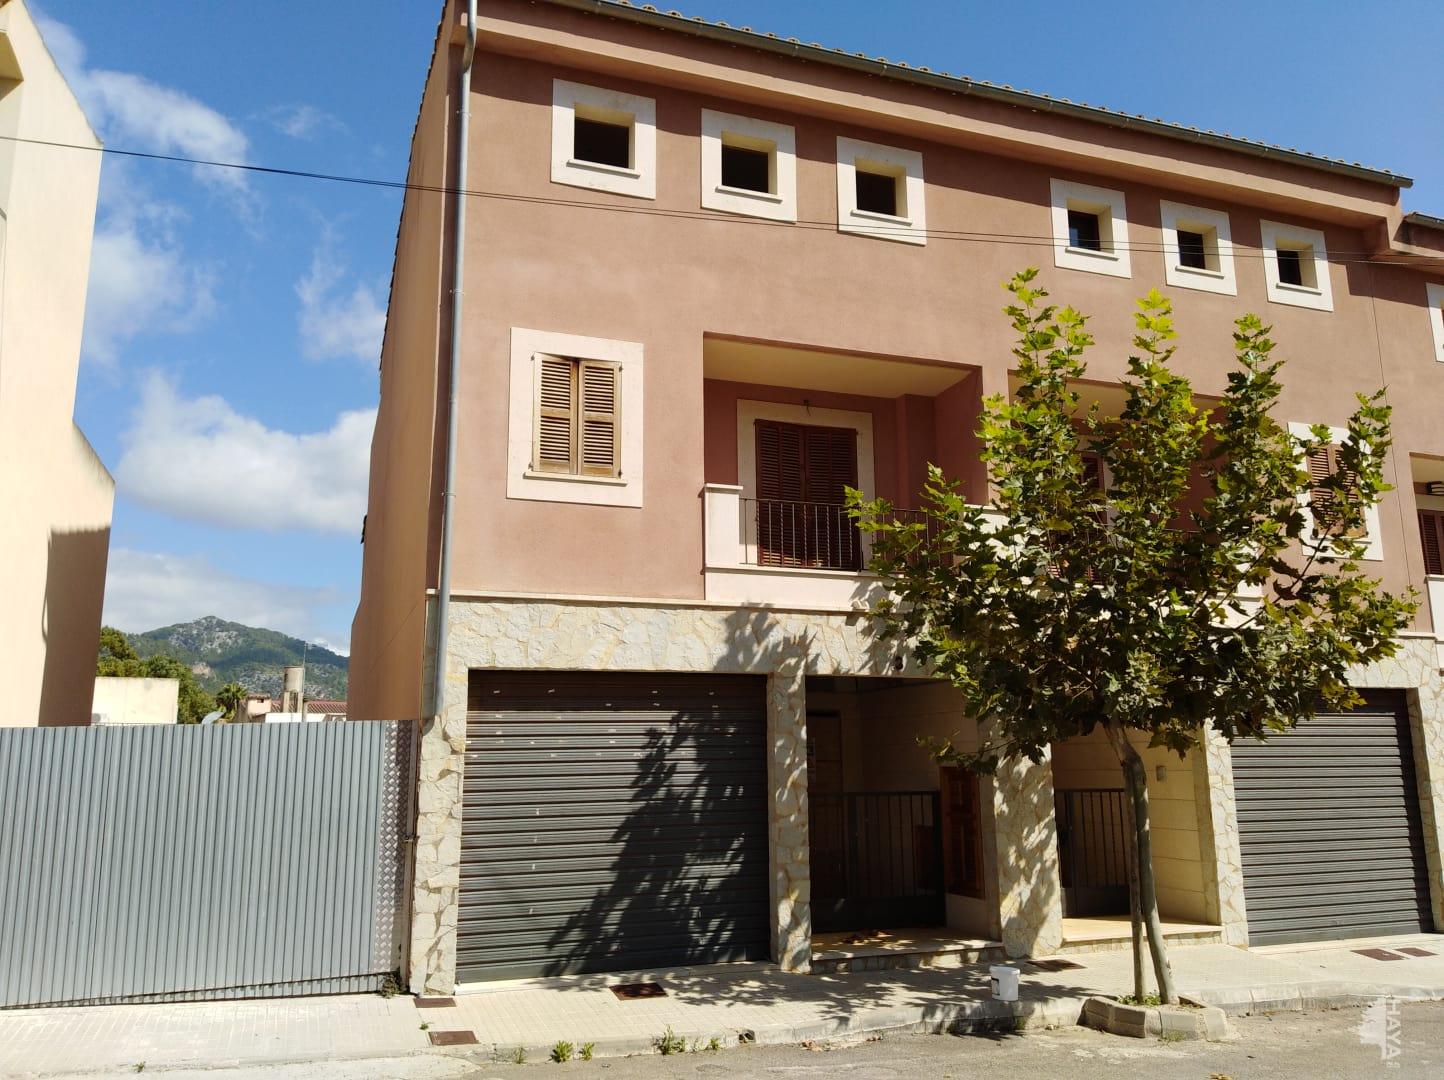 Piso en venta en Mancor de la Vall, Baleares, Calle Hort, 217.565 €, 3 habitaciones, 2 baños, 218 m2